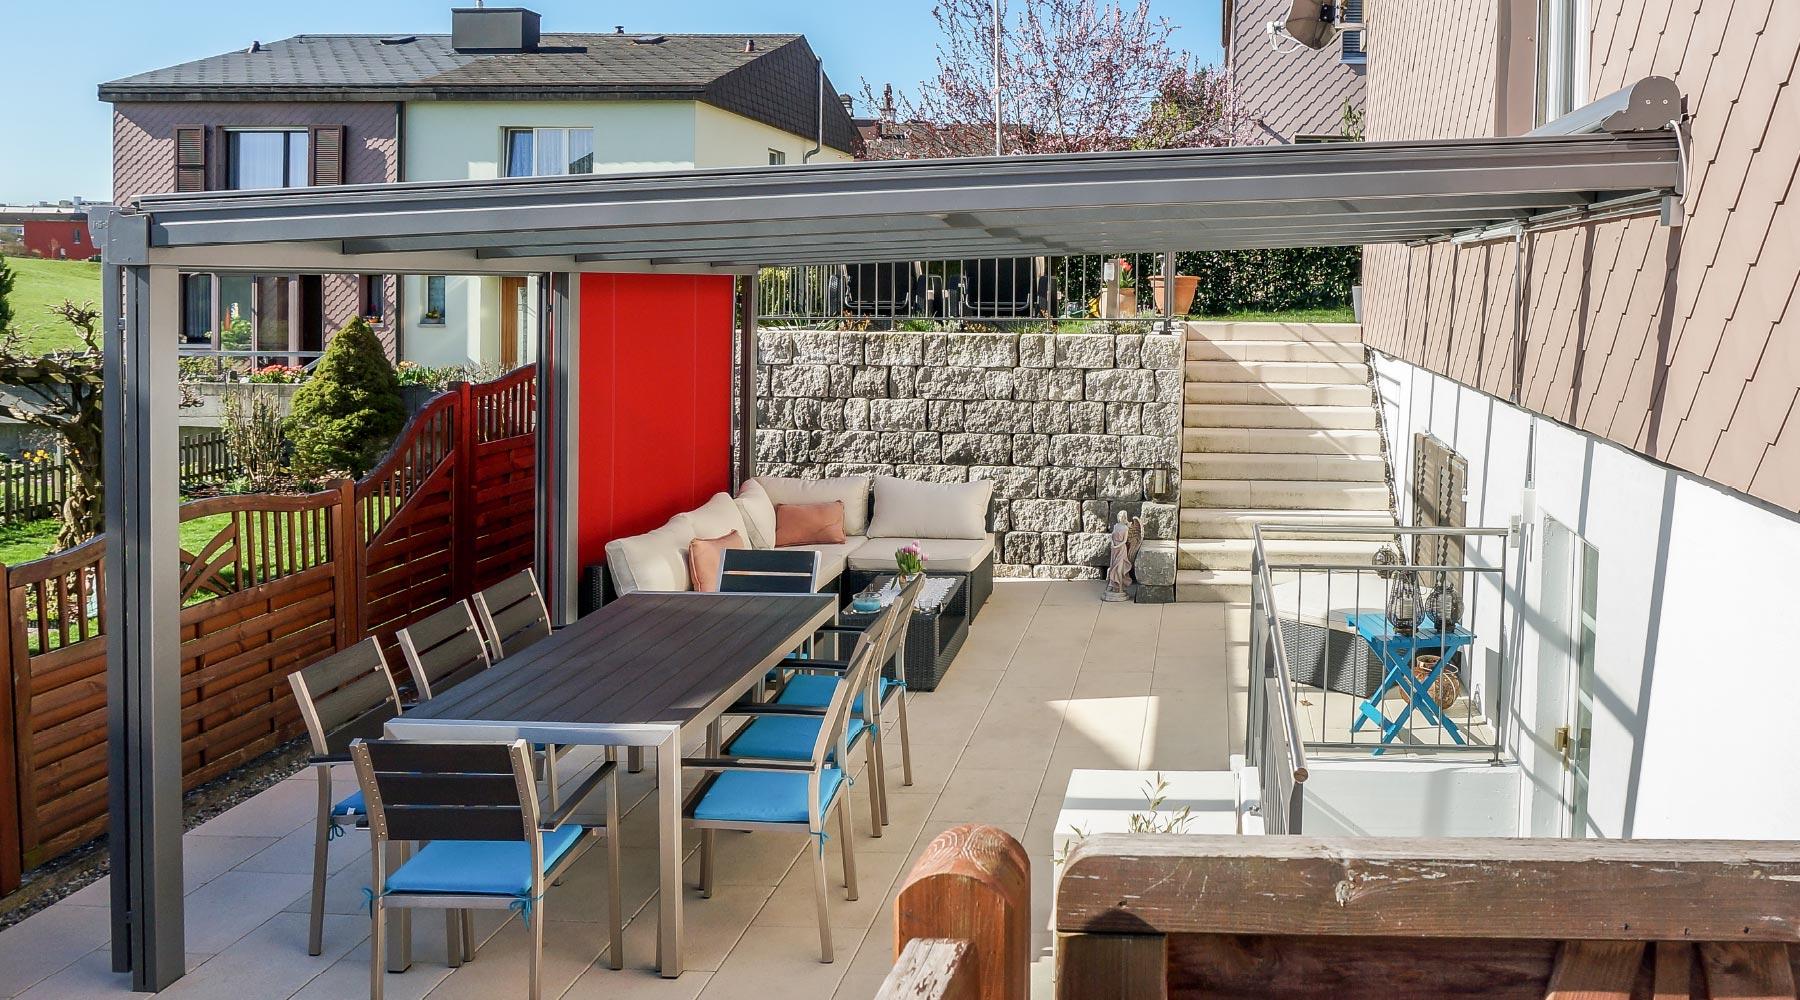 wohnraumerweiterungen design fenster wintergarten sitzplatz berdachungen und verglasungen. Black Bedroom Furniture Sets. Home Design Ideas